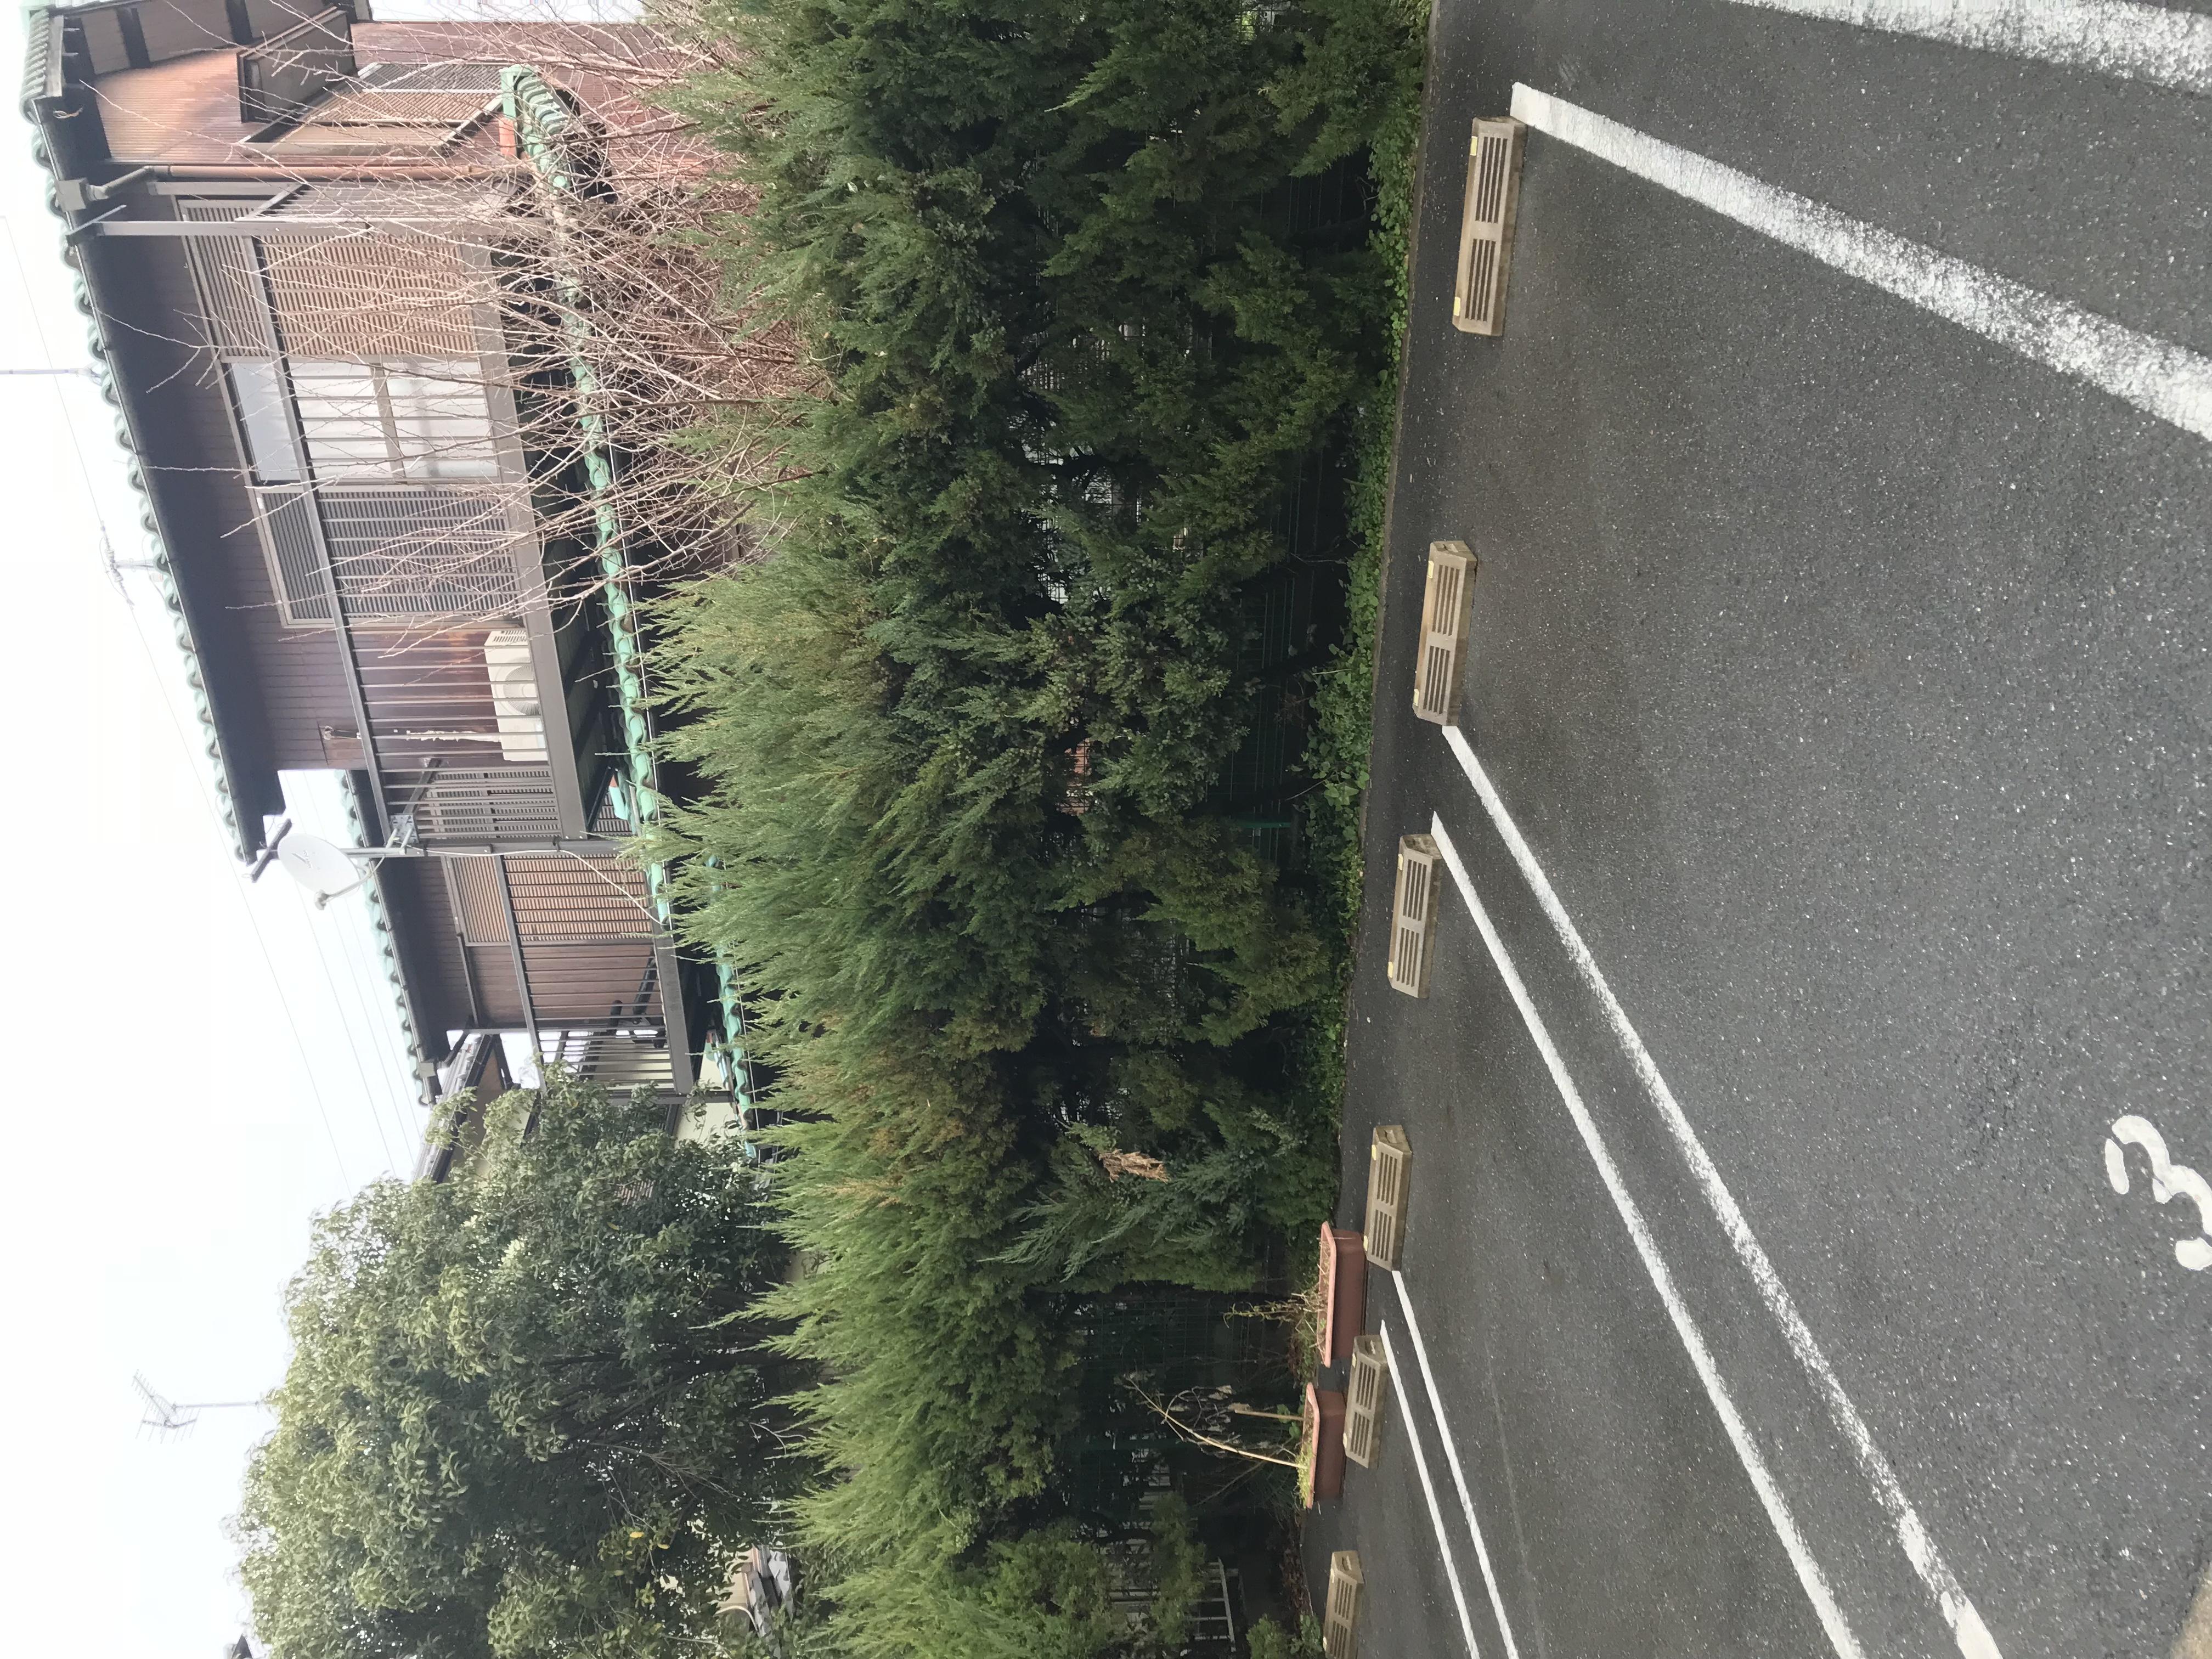 植栽選定作業 愛知県名古屋市 S株式会社様